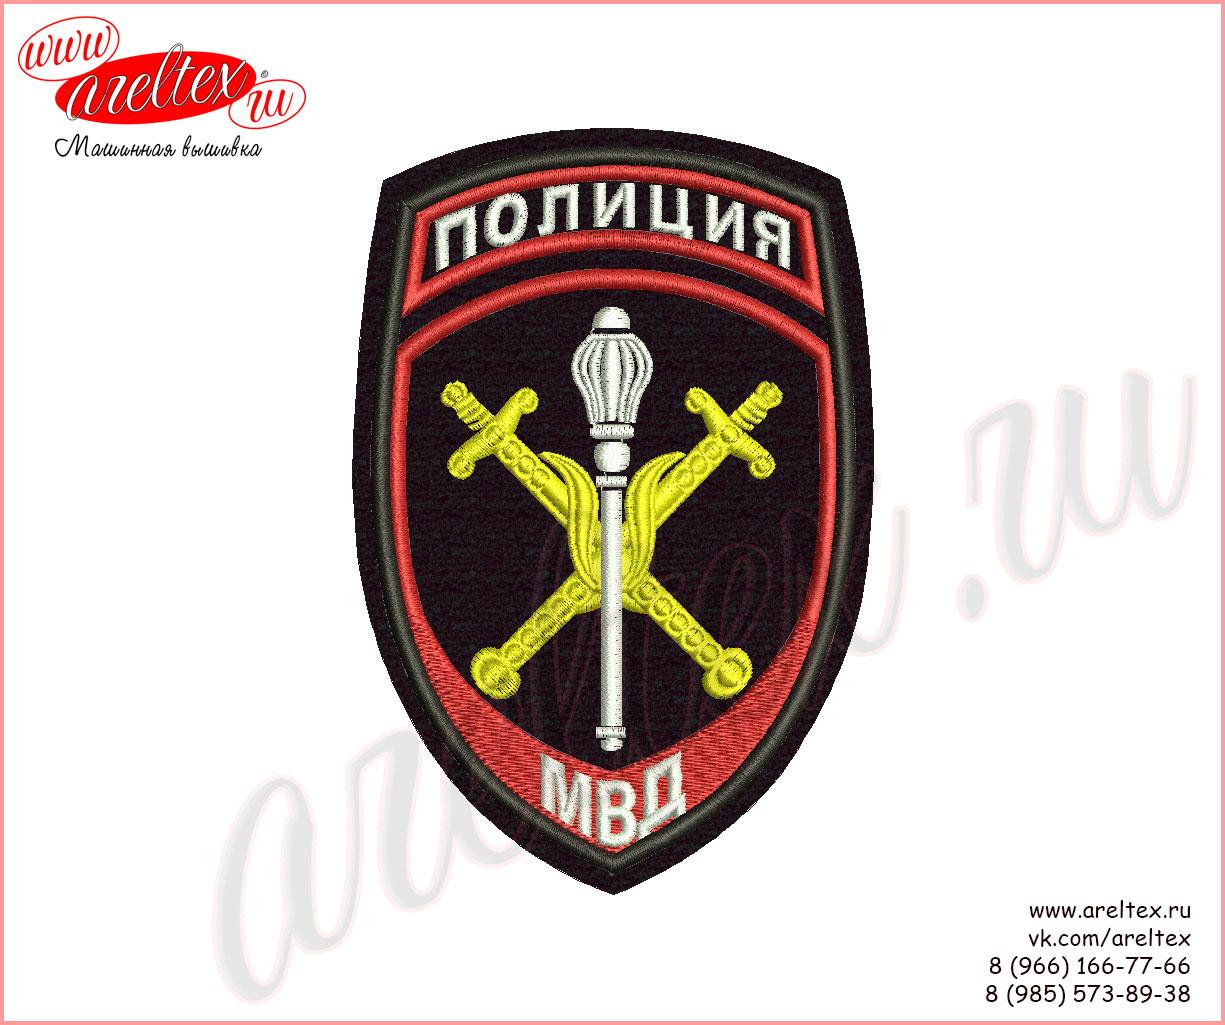 Вышитый нарукавный шеврон для начальников территориальных органов МВД России